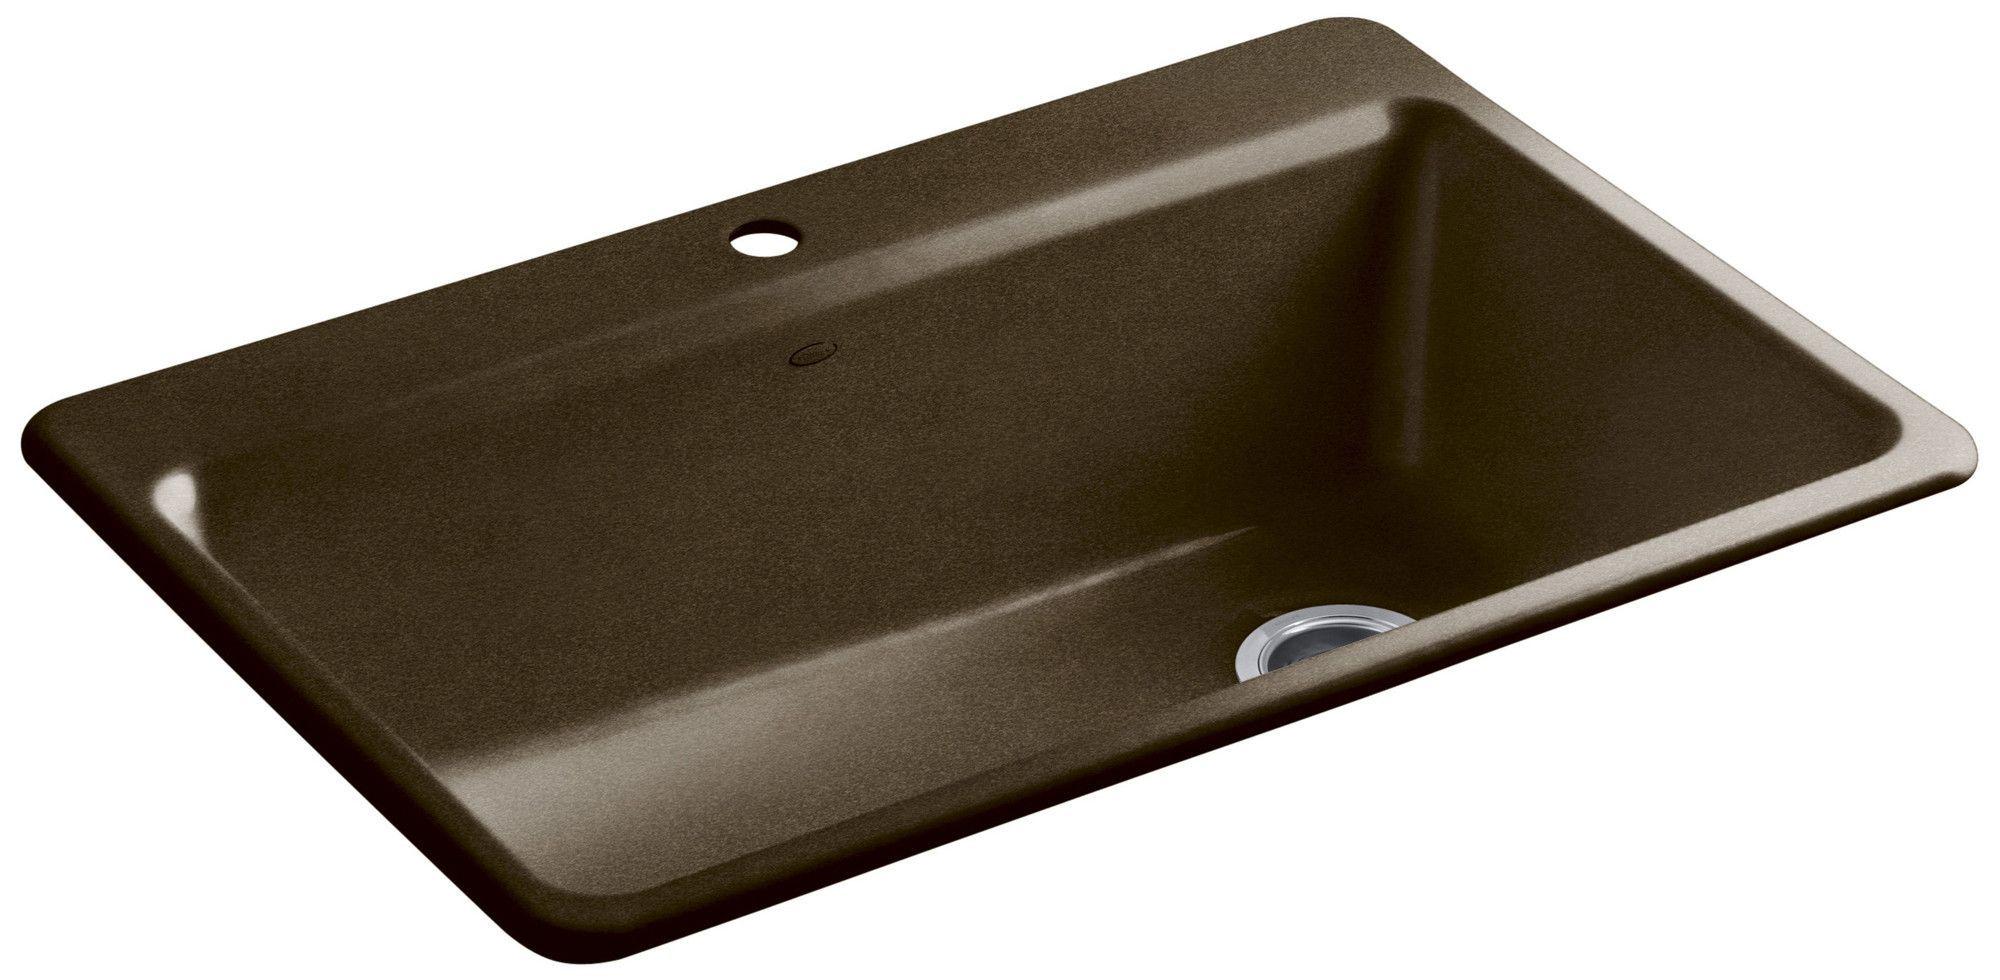 Riverby 33 L X 22 W X 9 5 8 Top Mount Single Bowl Kitchen Sink